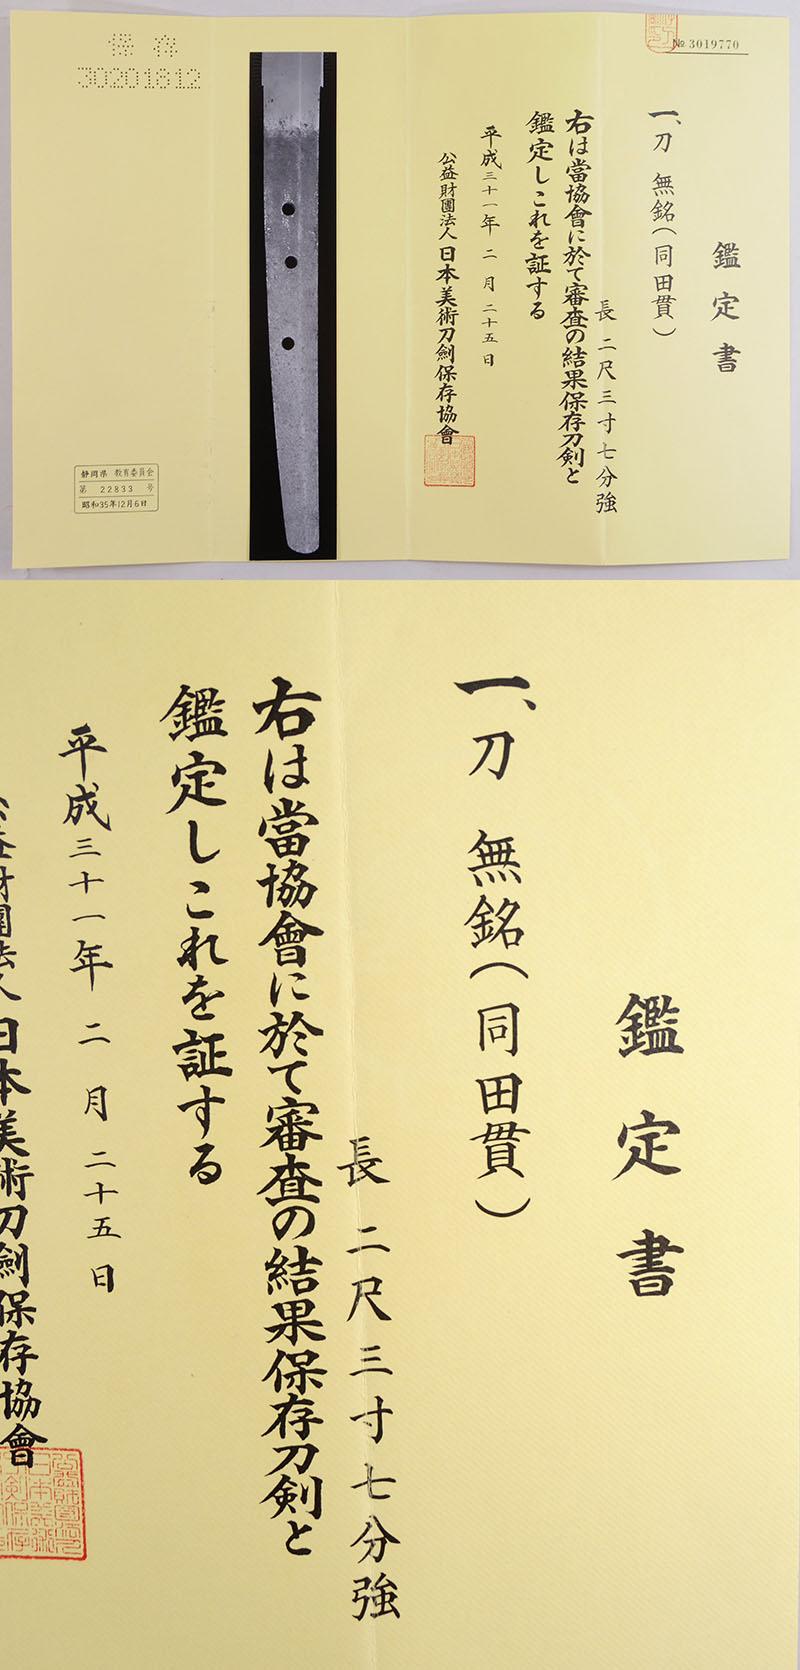 無銘(同田貫) Picture of Certificate